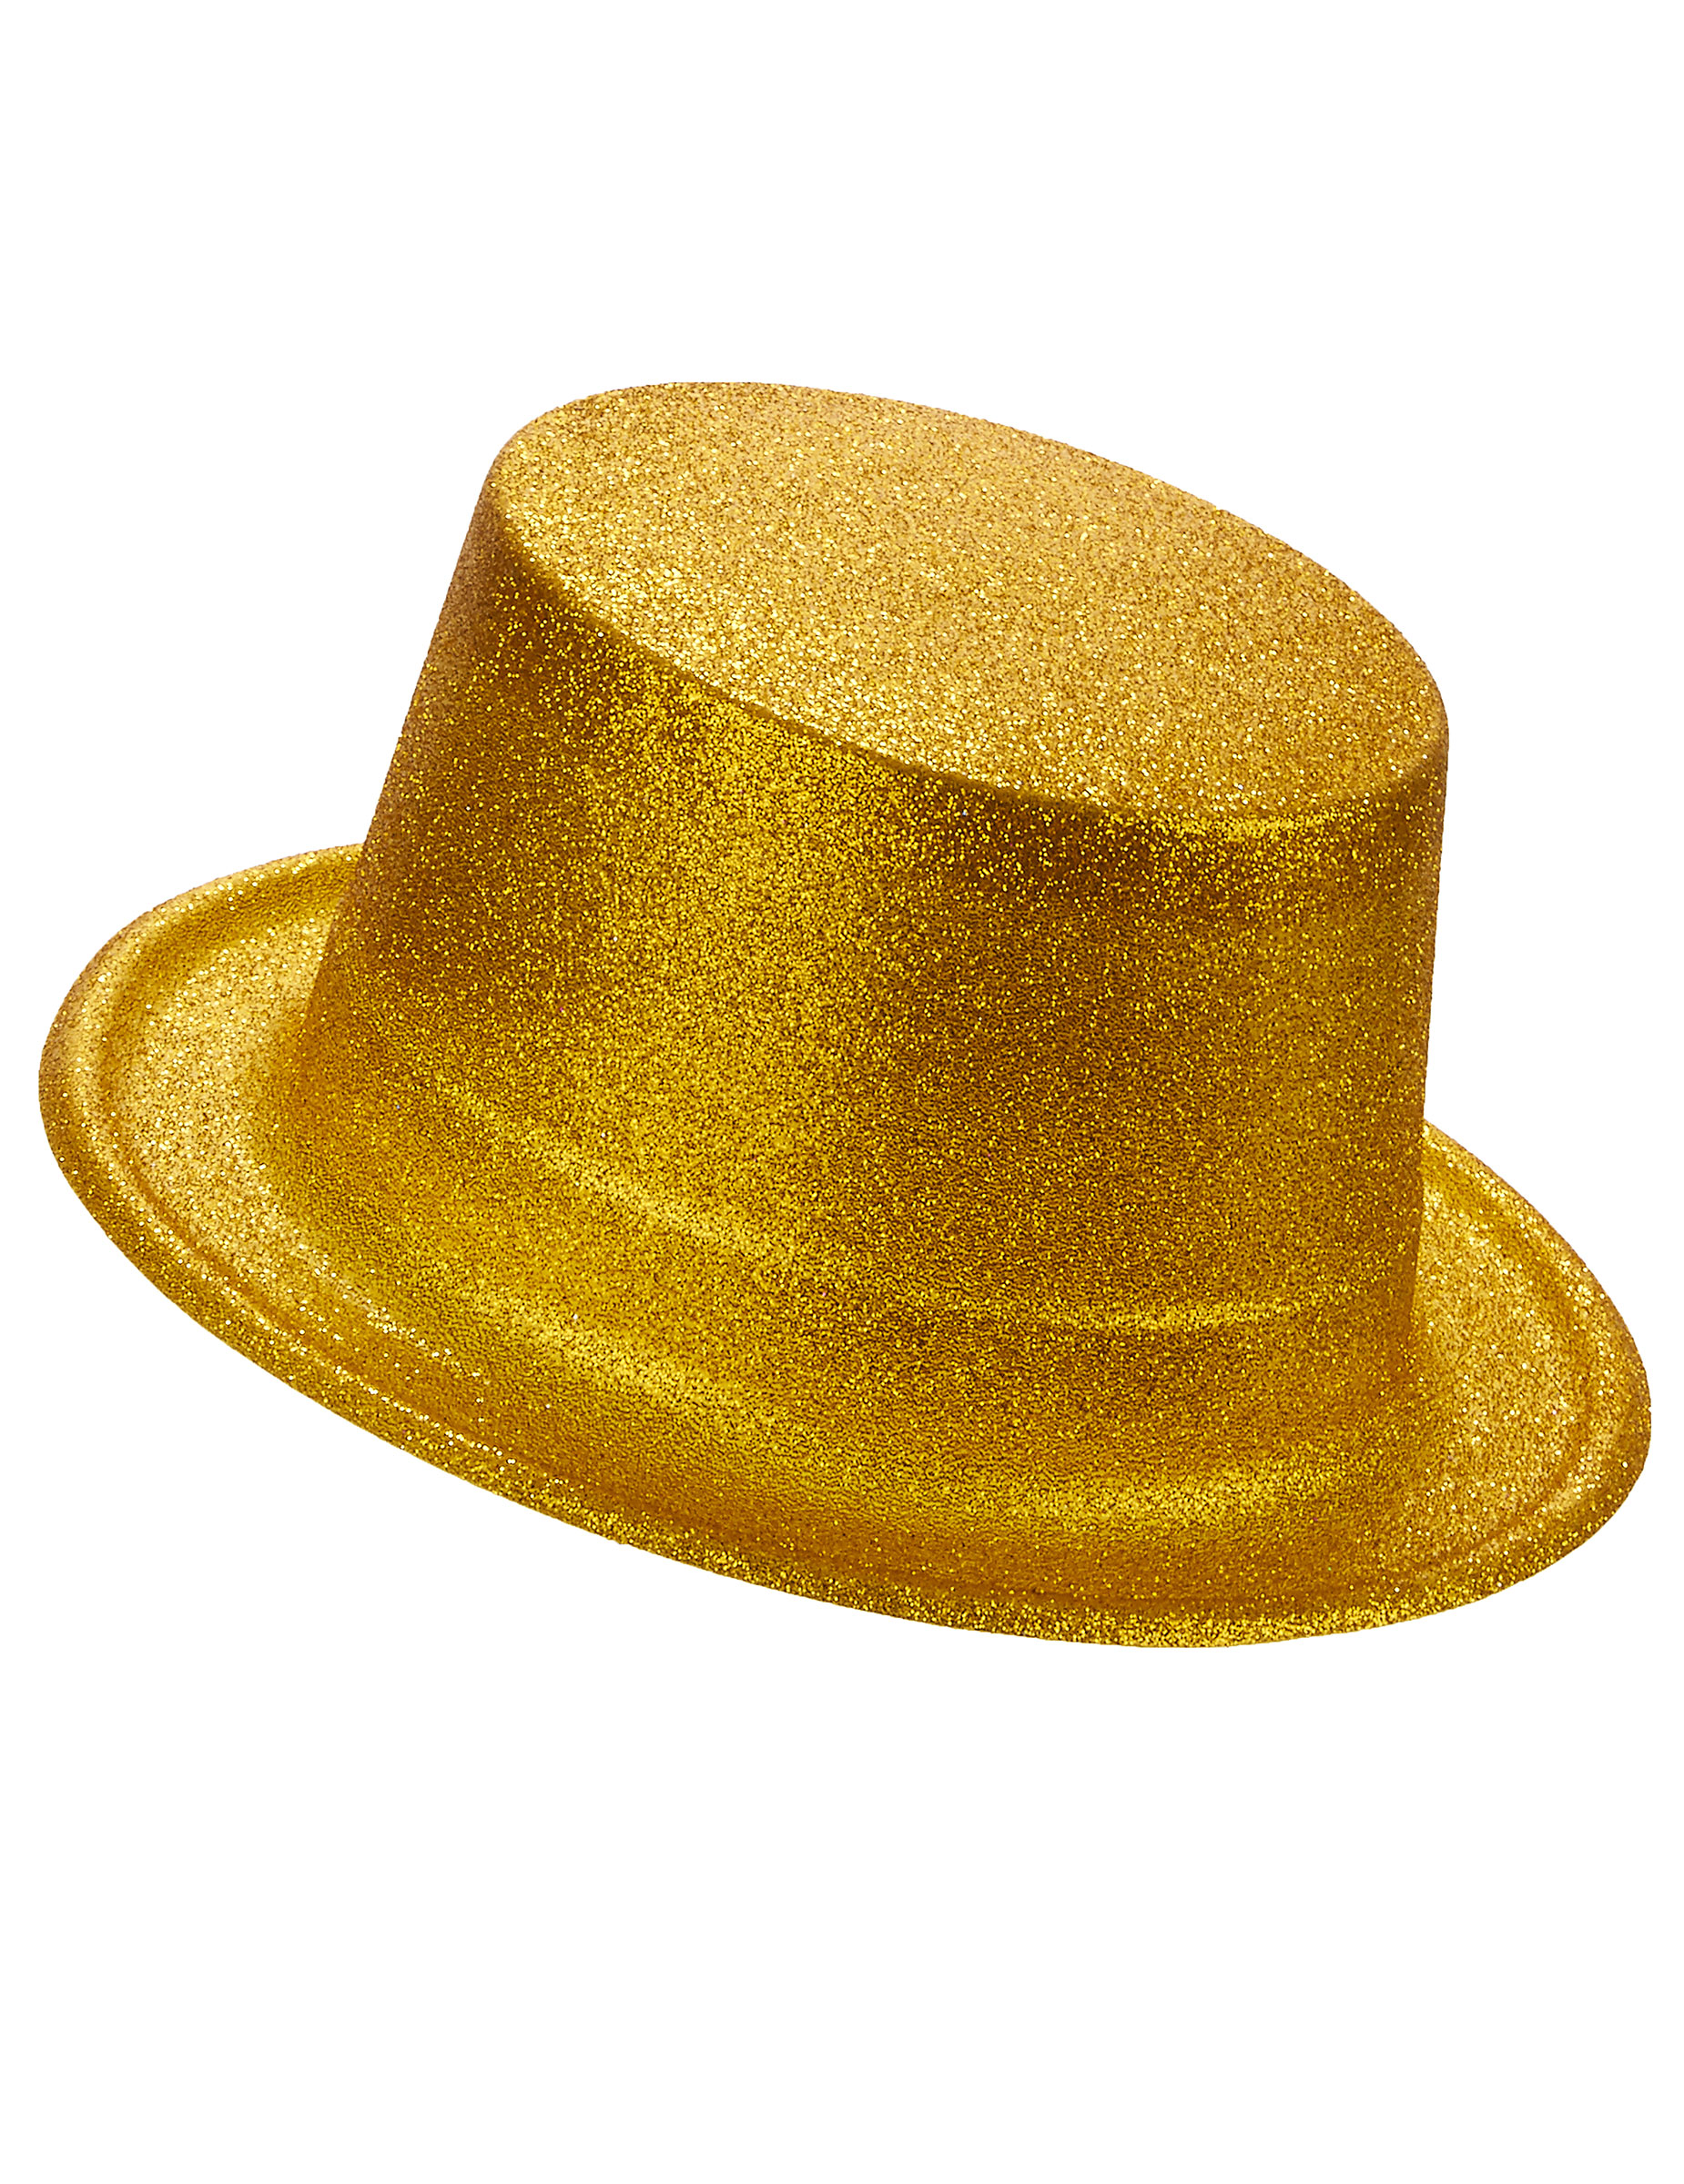 Cappello cilindro in plastica con paillettes dorato per Adulto ... 0decdcf3dc31